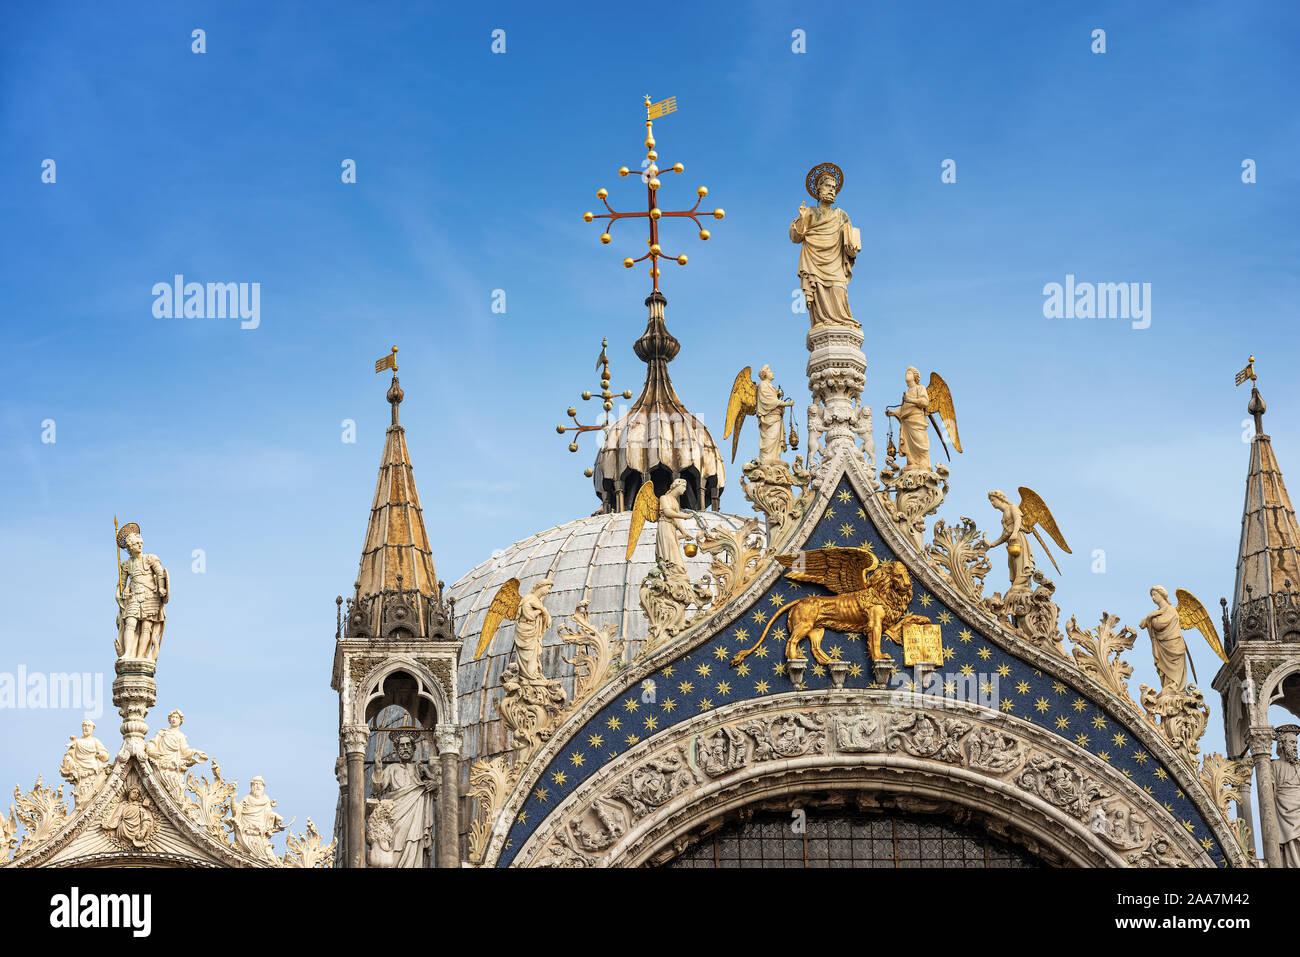 Catedral y de la basílica de San Marcos (St. El evangelista san Marcos), Venecia, sitio del patrimonio mundial de la UNESCO, Véneto, Italia, Europa Foto de stock